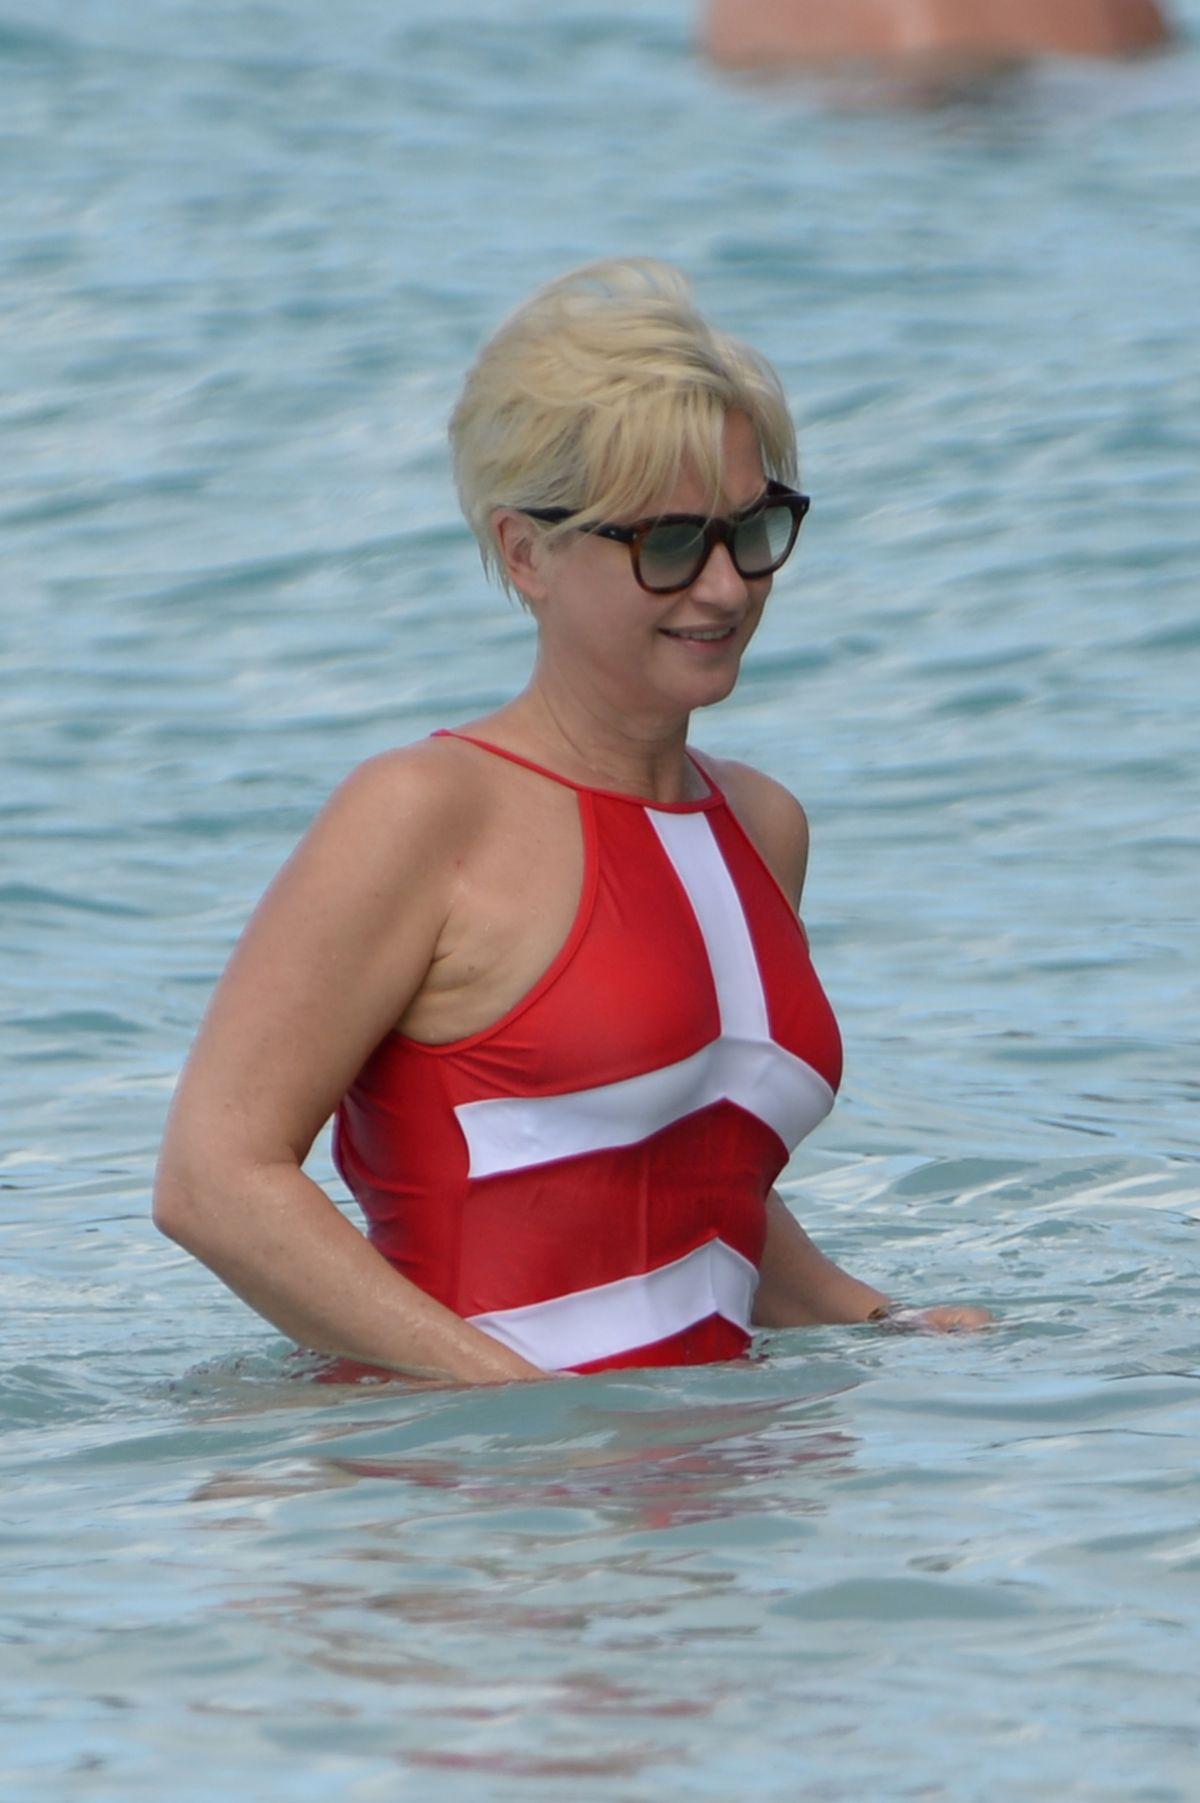 Jemma Lucy in Bikini on the beach in Gran Canaria Pic 26 of 35